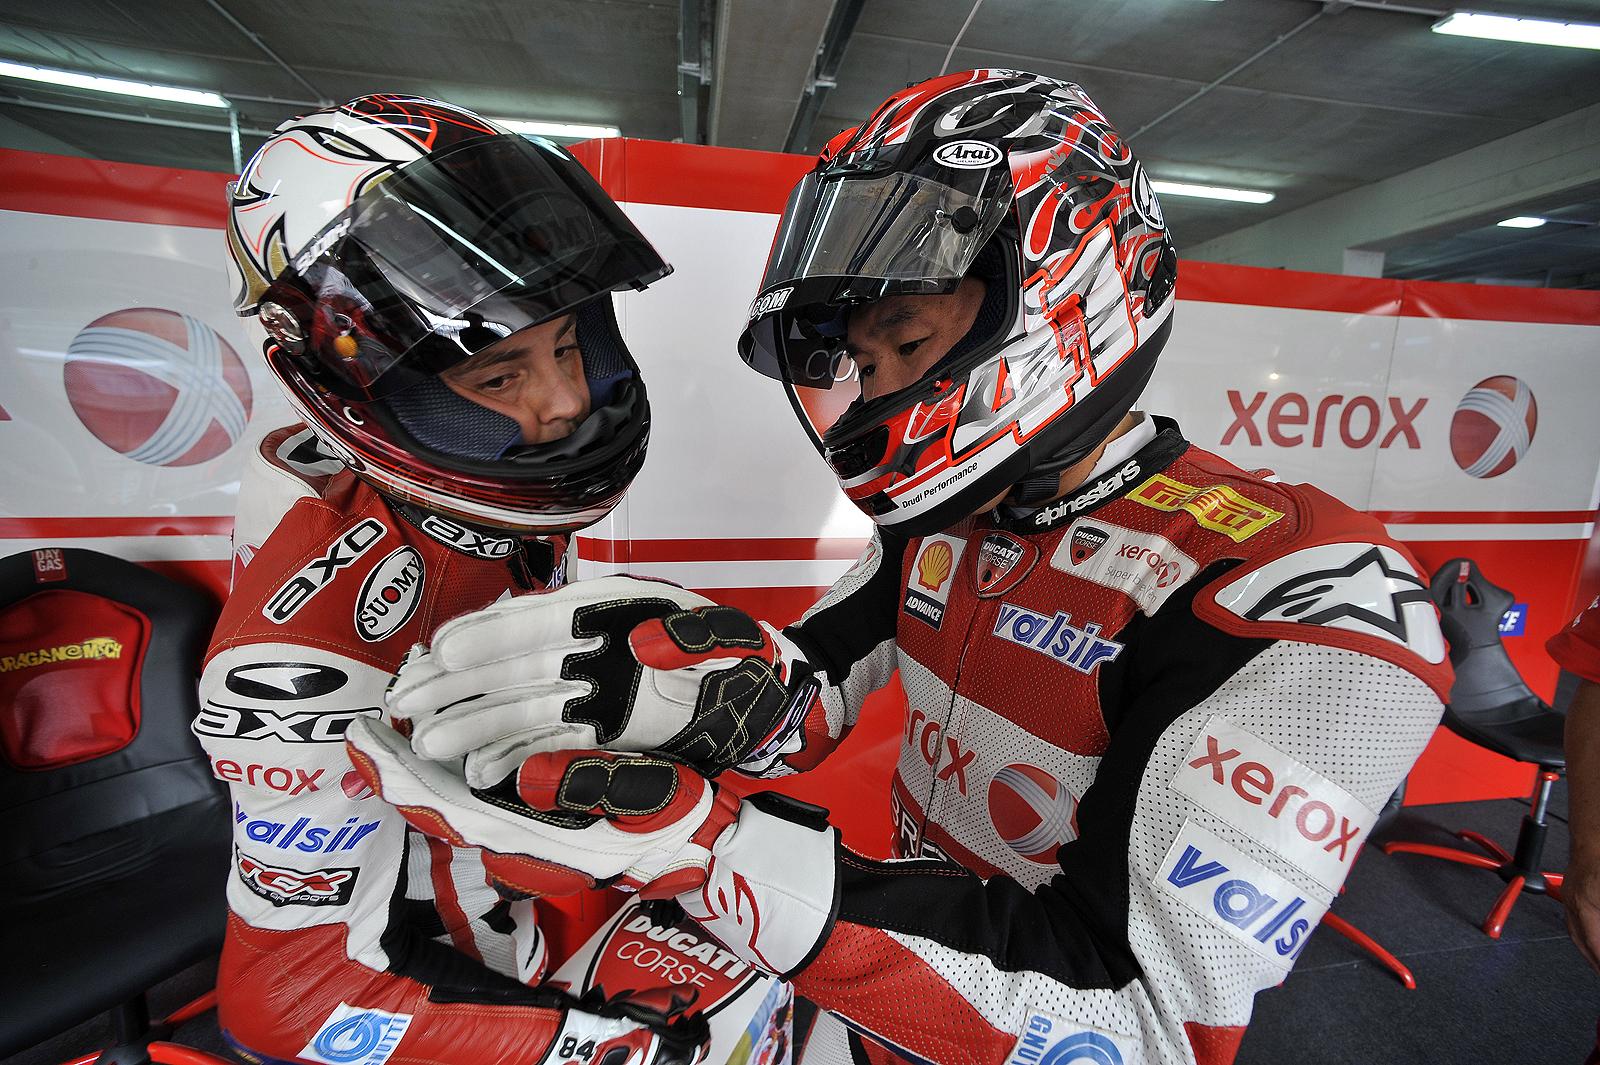 Haga and Michel Fabrizio for Ducati Xerox at the Imola  Italy  2009